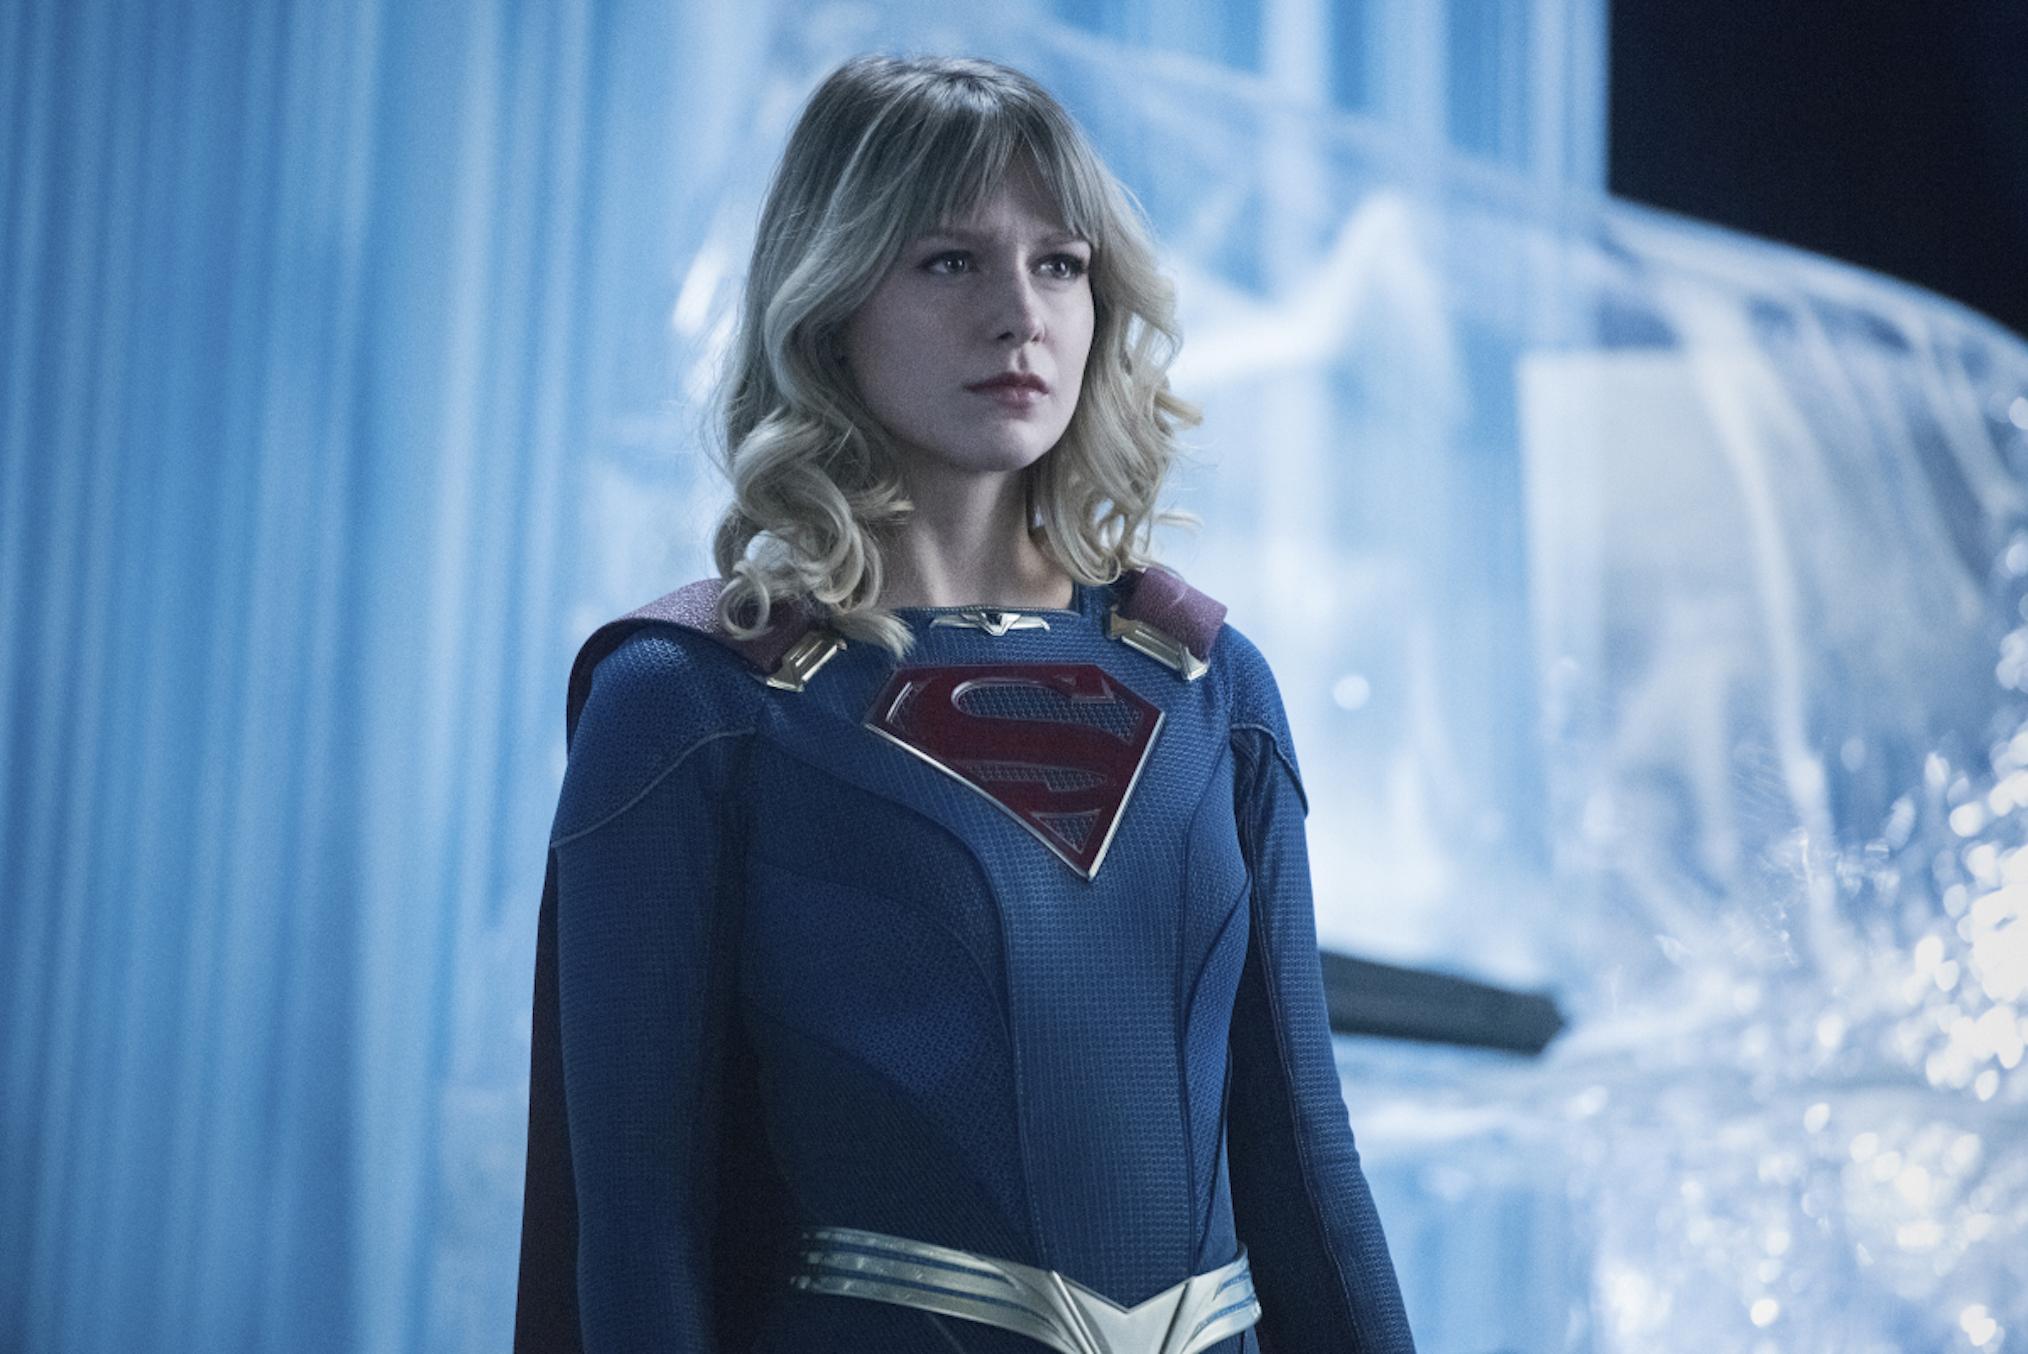 « Supergirl » marque son retour dans un nouveau trailer (VIDEO)